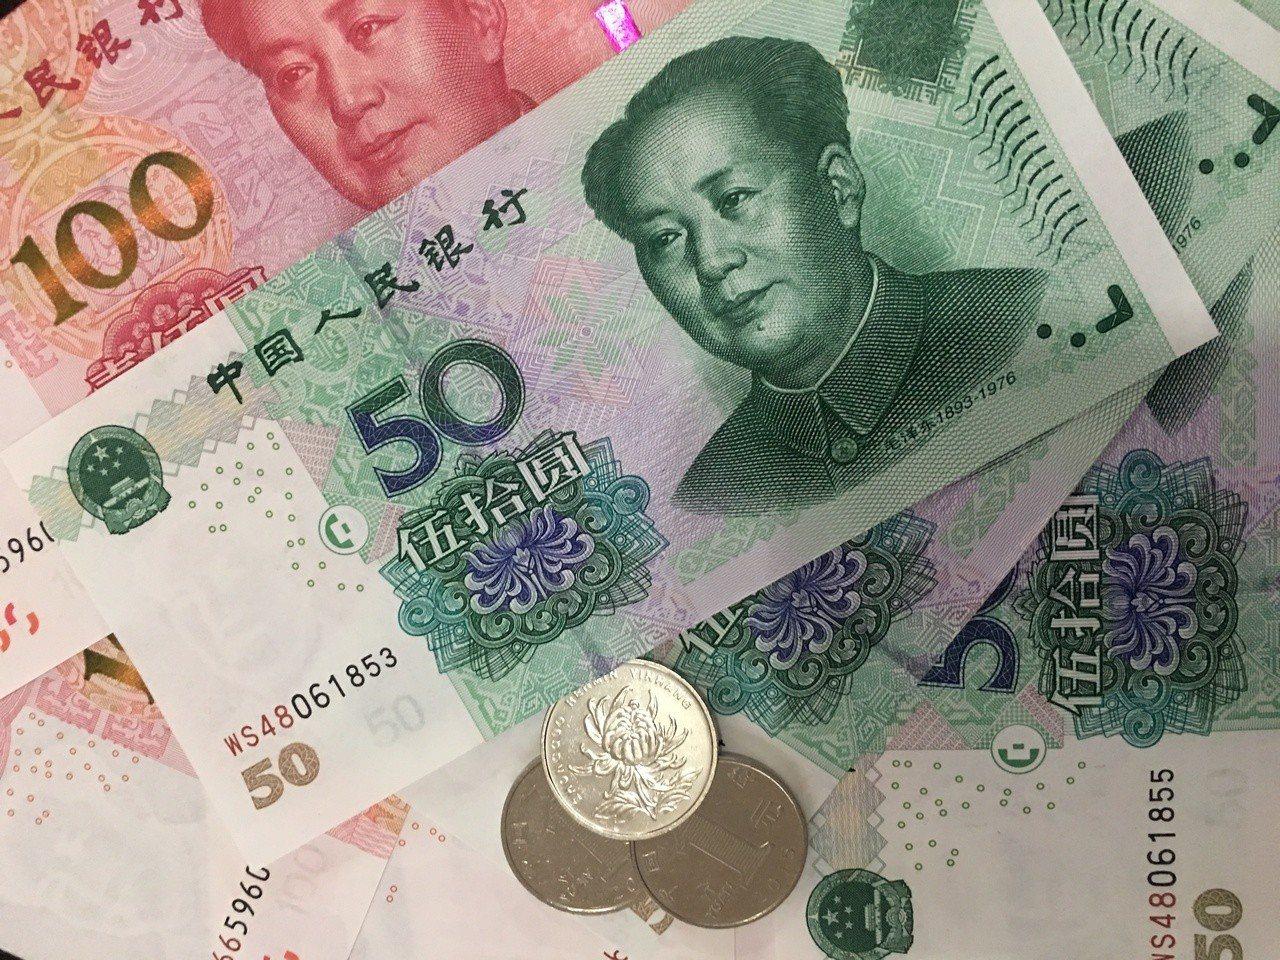 大陸央行副行長劉國強出面喊話稱,不允許人民幣匯率「出事」,似乎也反映當前人民幣正...